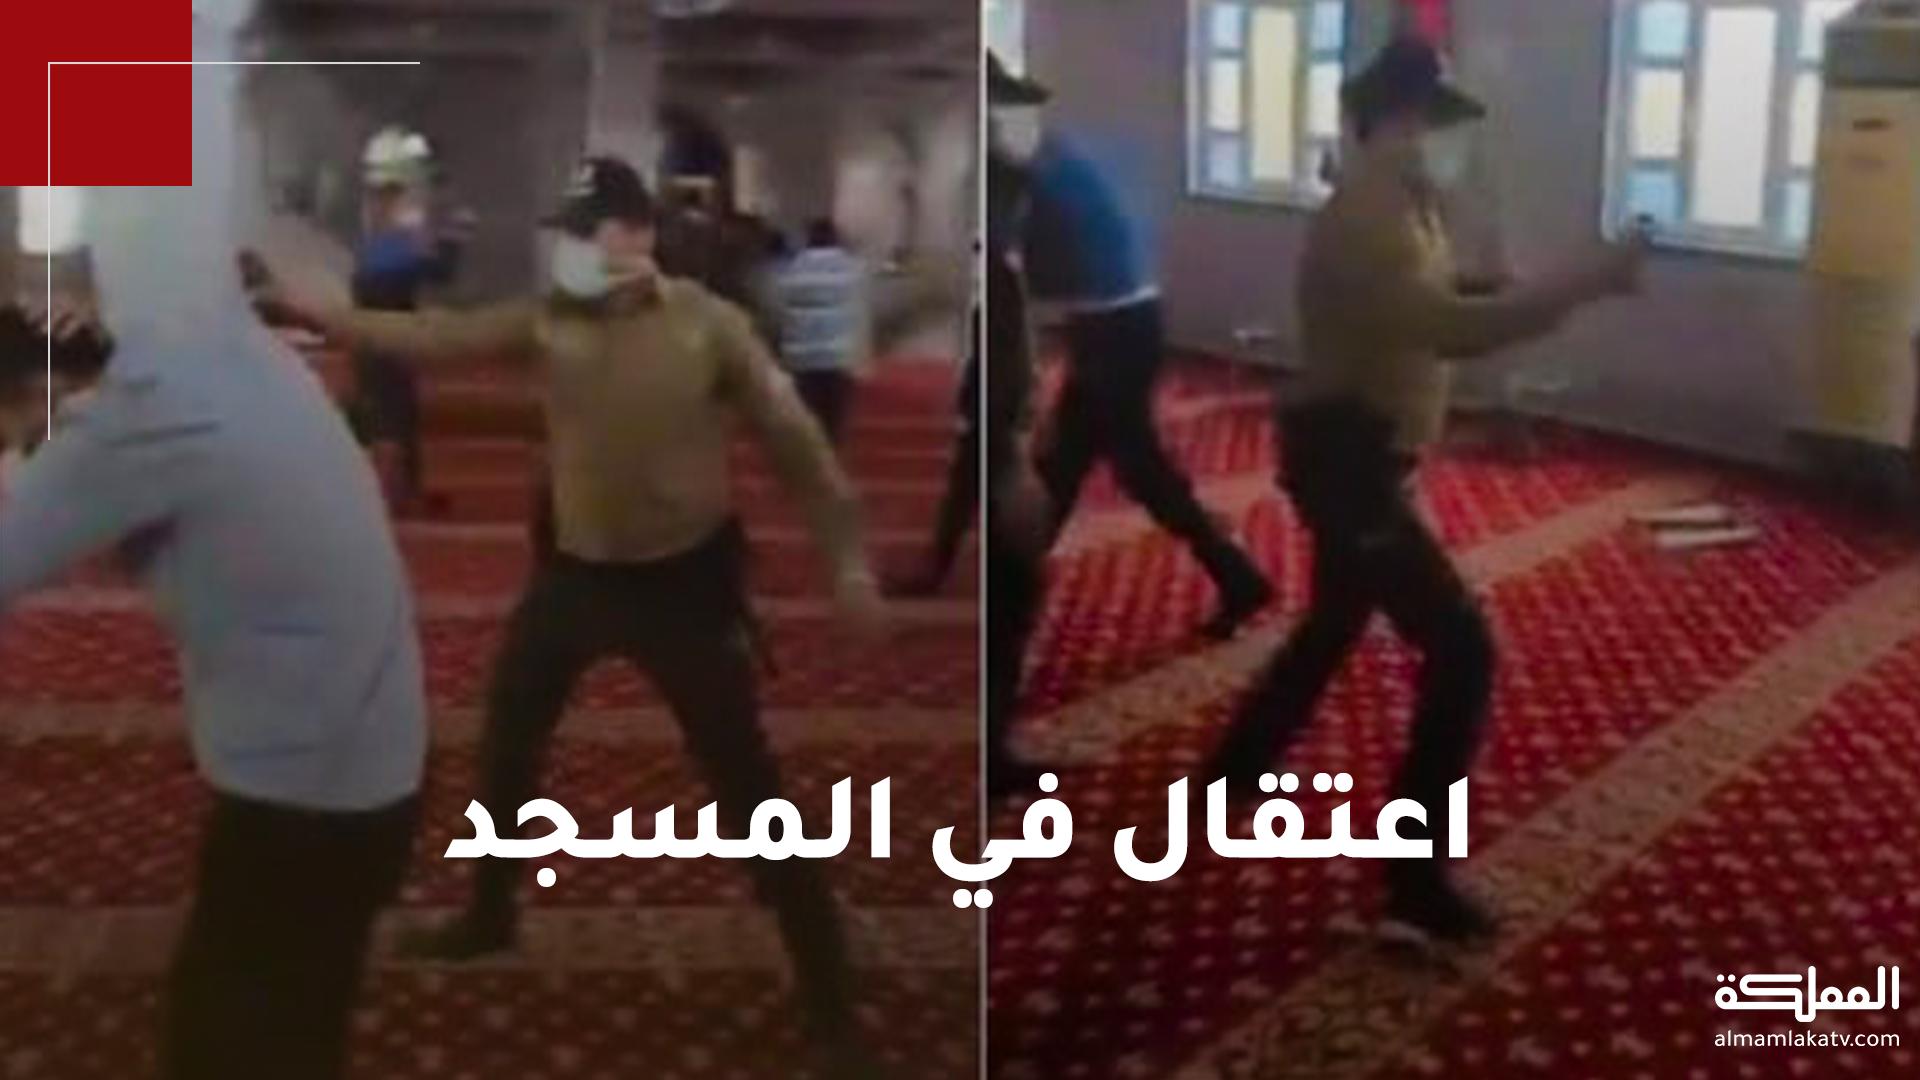 الشرطة التركية تفرّق معتكفين في 3 مساجد وتعتقلهم قائلة إن هدفهم هو العصيان المدني وليس التعبد